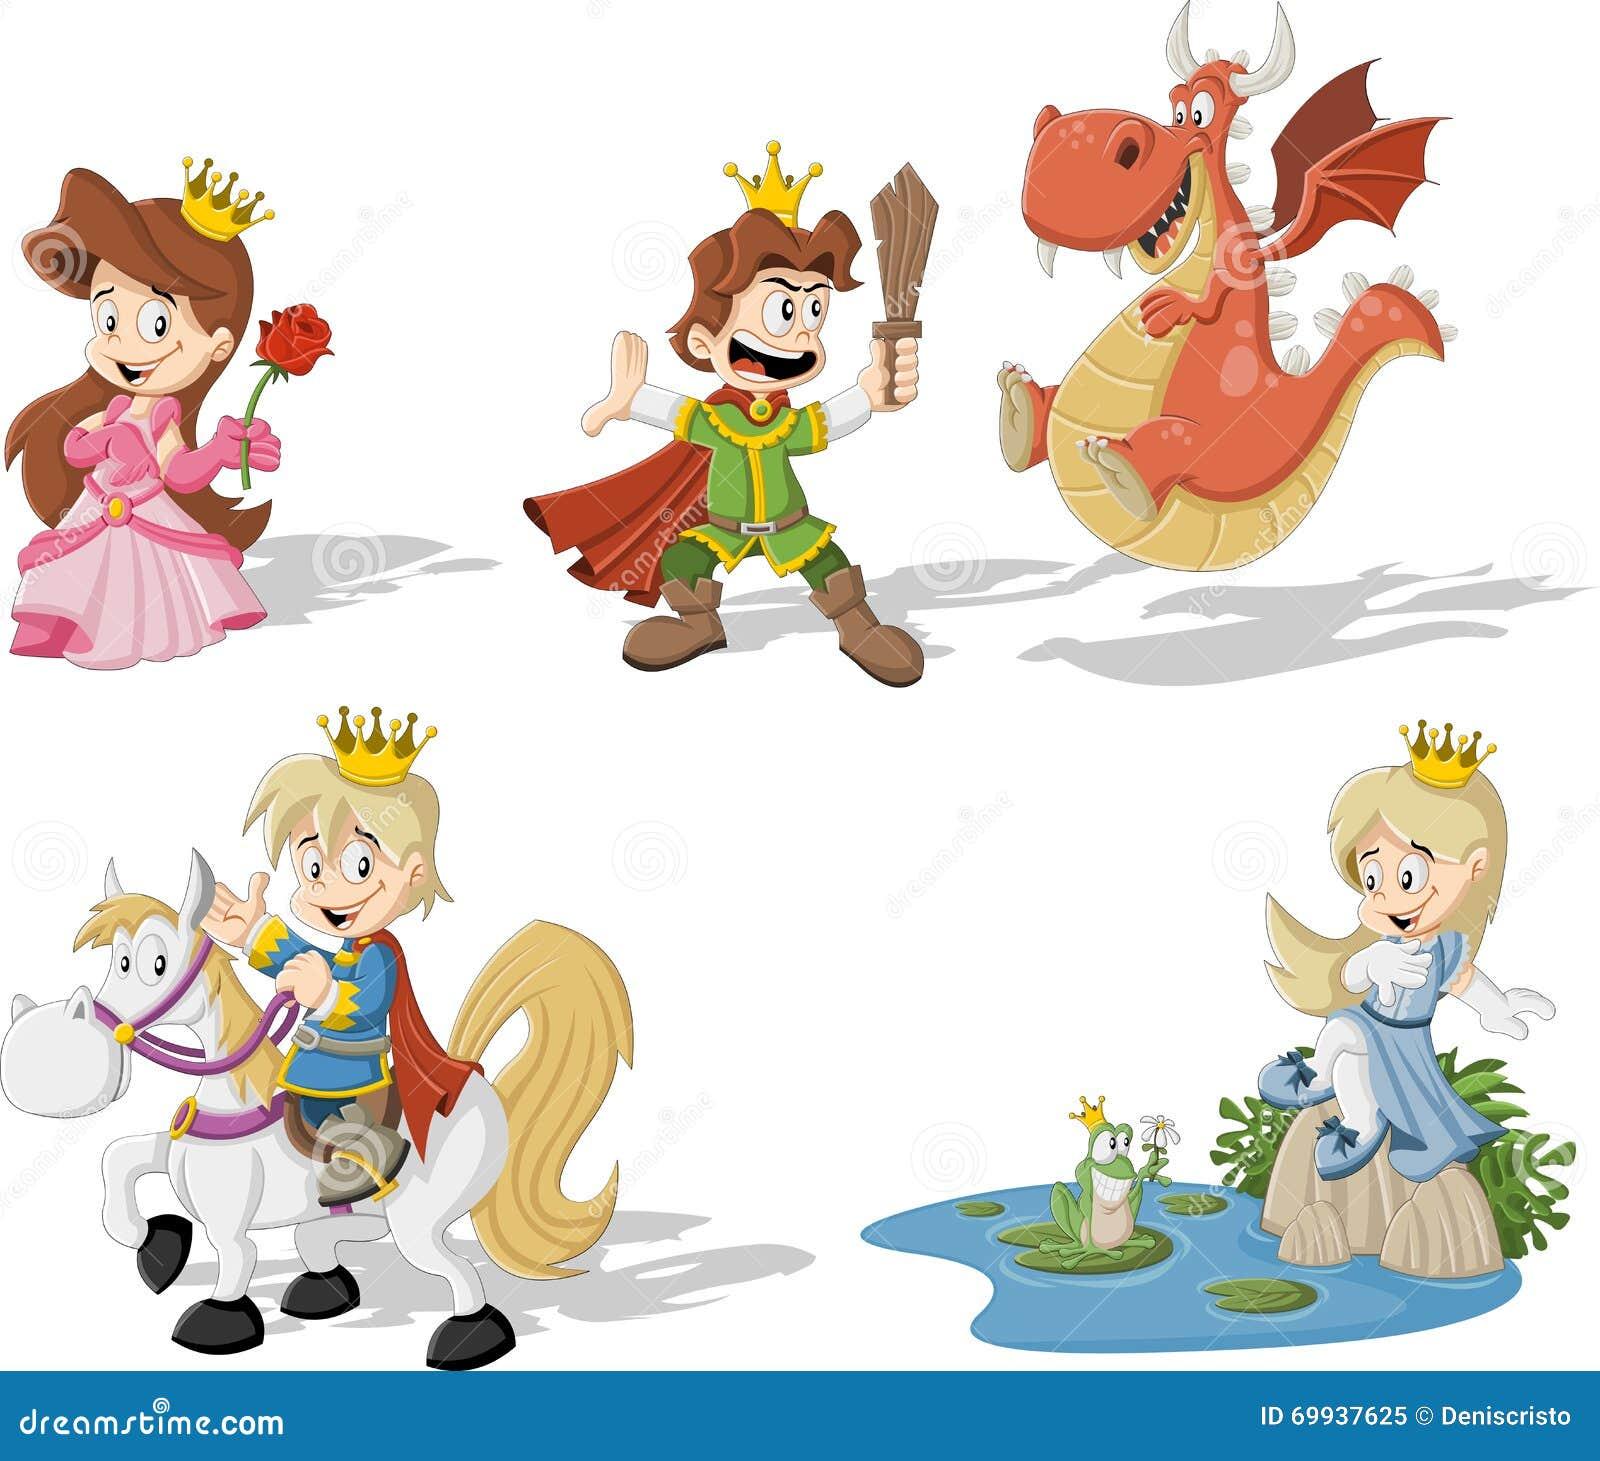 Princesas E Principes Dos Desenhos Animados Ilustracao Do Vetor